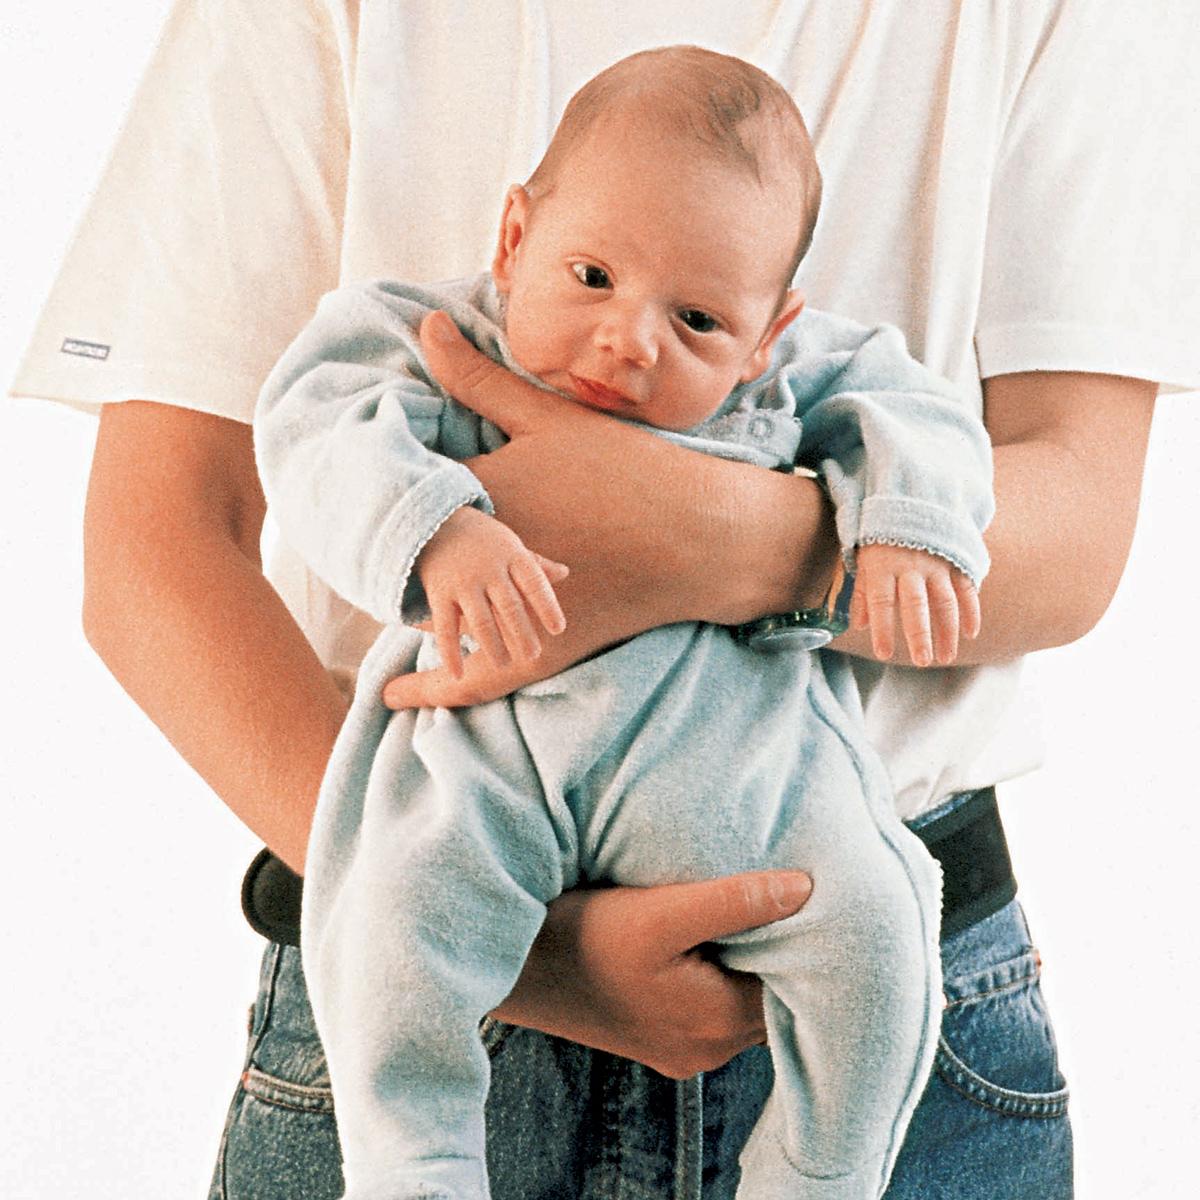 Зачем держать новорождённого столбиком после кормления